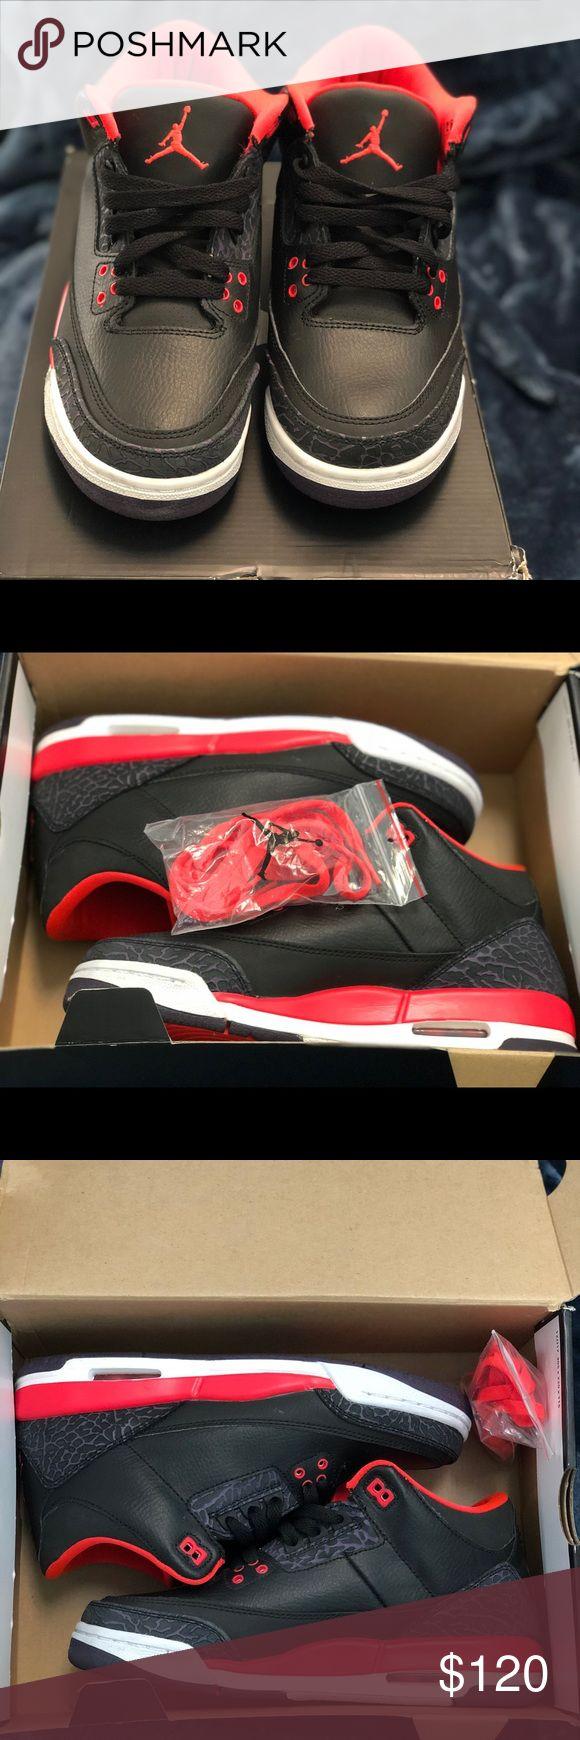 Air Jordan 3 Retro Crimson Size 7Y  Excellent Condition Like New 100% Authentic Jordan Shoes Sneakers